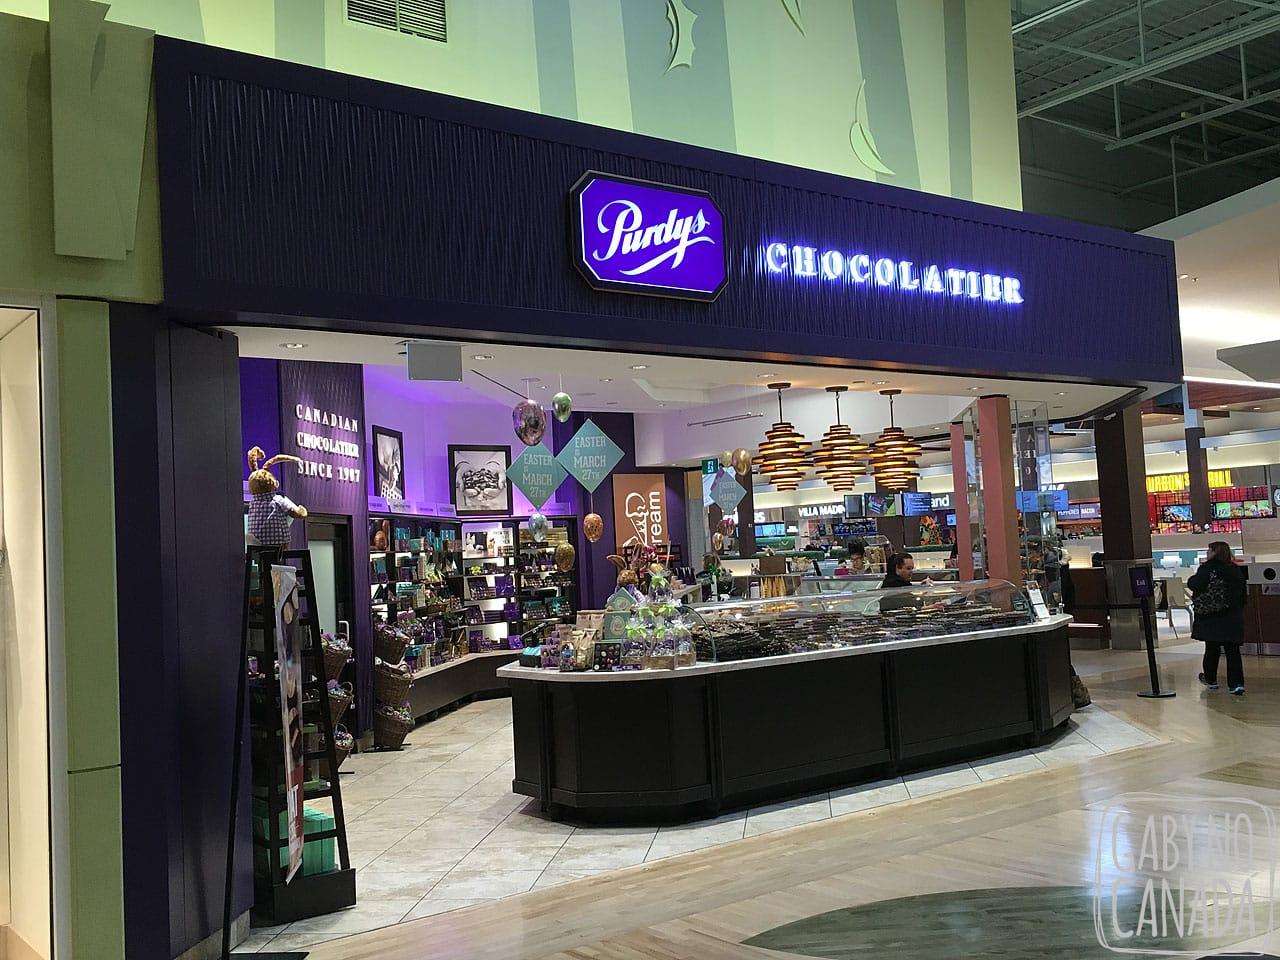 c3a1b34eb Esta loja de chocolates canadenses é bem popular por aqui e pouco conhecida  entre os brasileiros. Os chocolates da Purdy s são deliciosos e uma ótima  opção ...